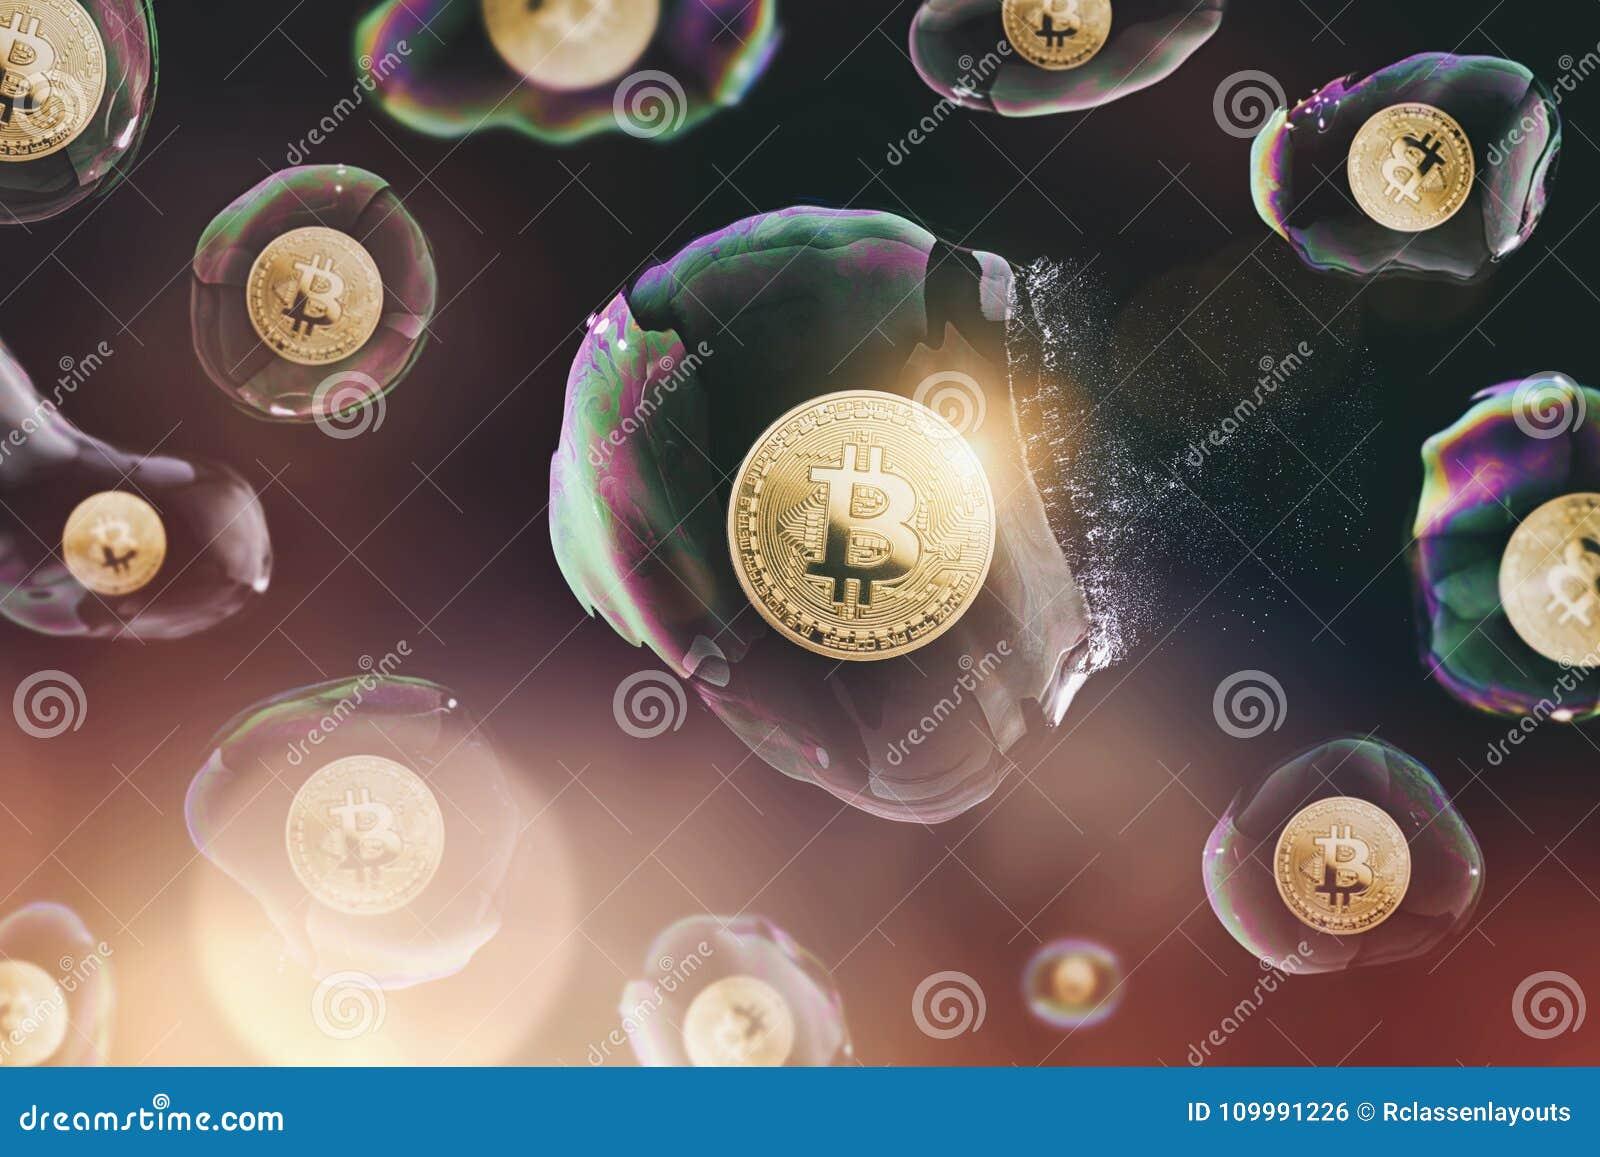 Φυσαλίδα Bitcoin που εκρήγνυται - ψηφιακή εικόνα έννοιας cryptocurrency